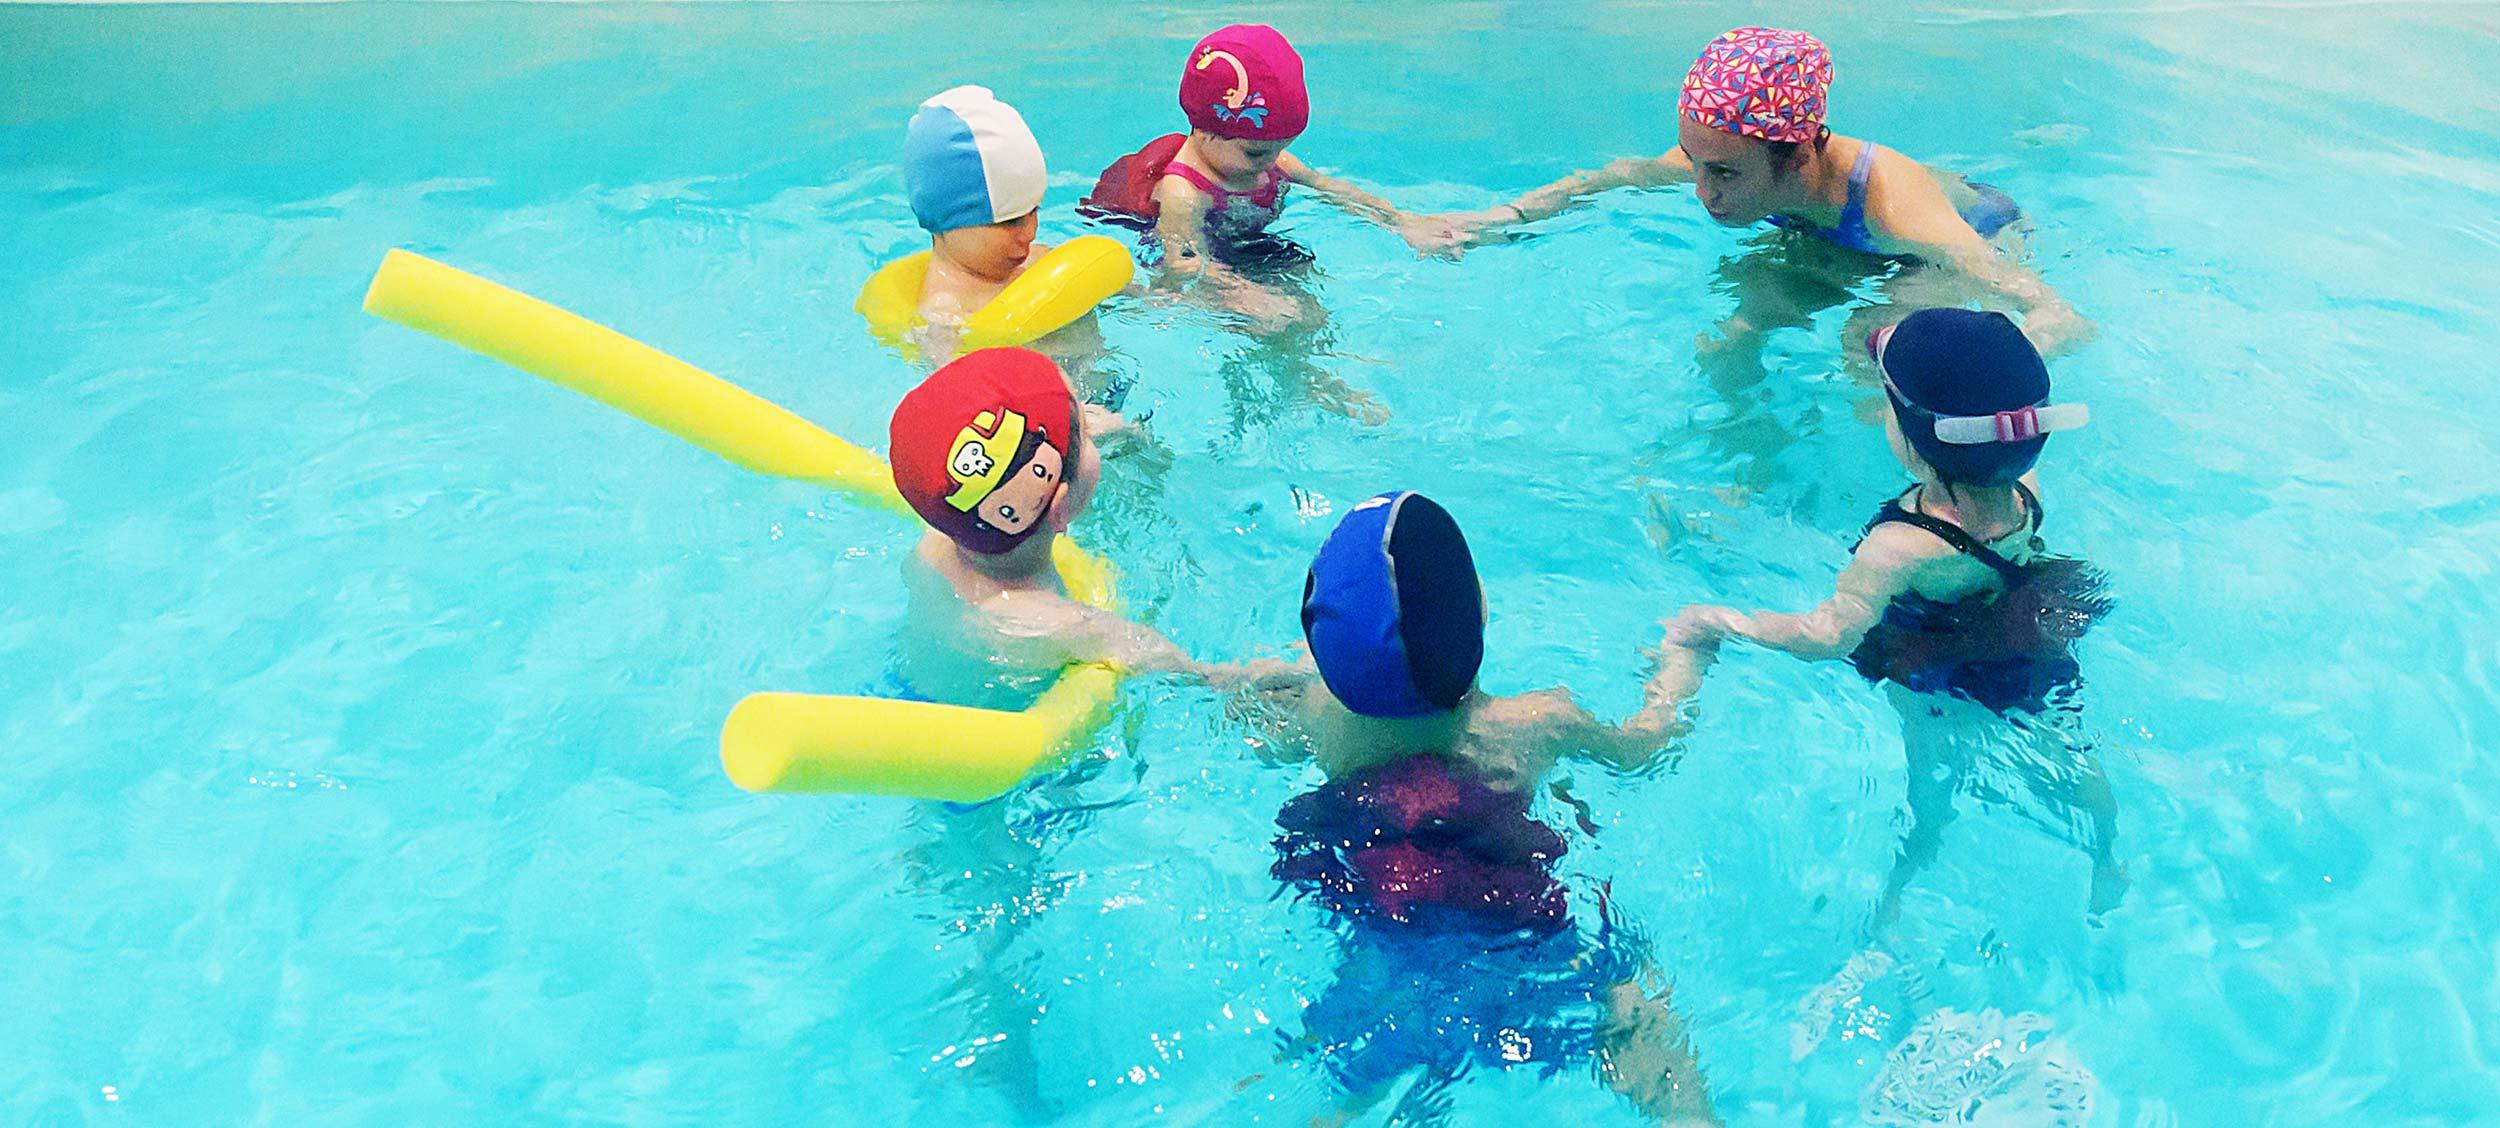 baby nuotatori in vasca piccola